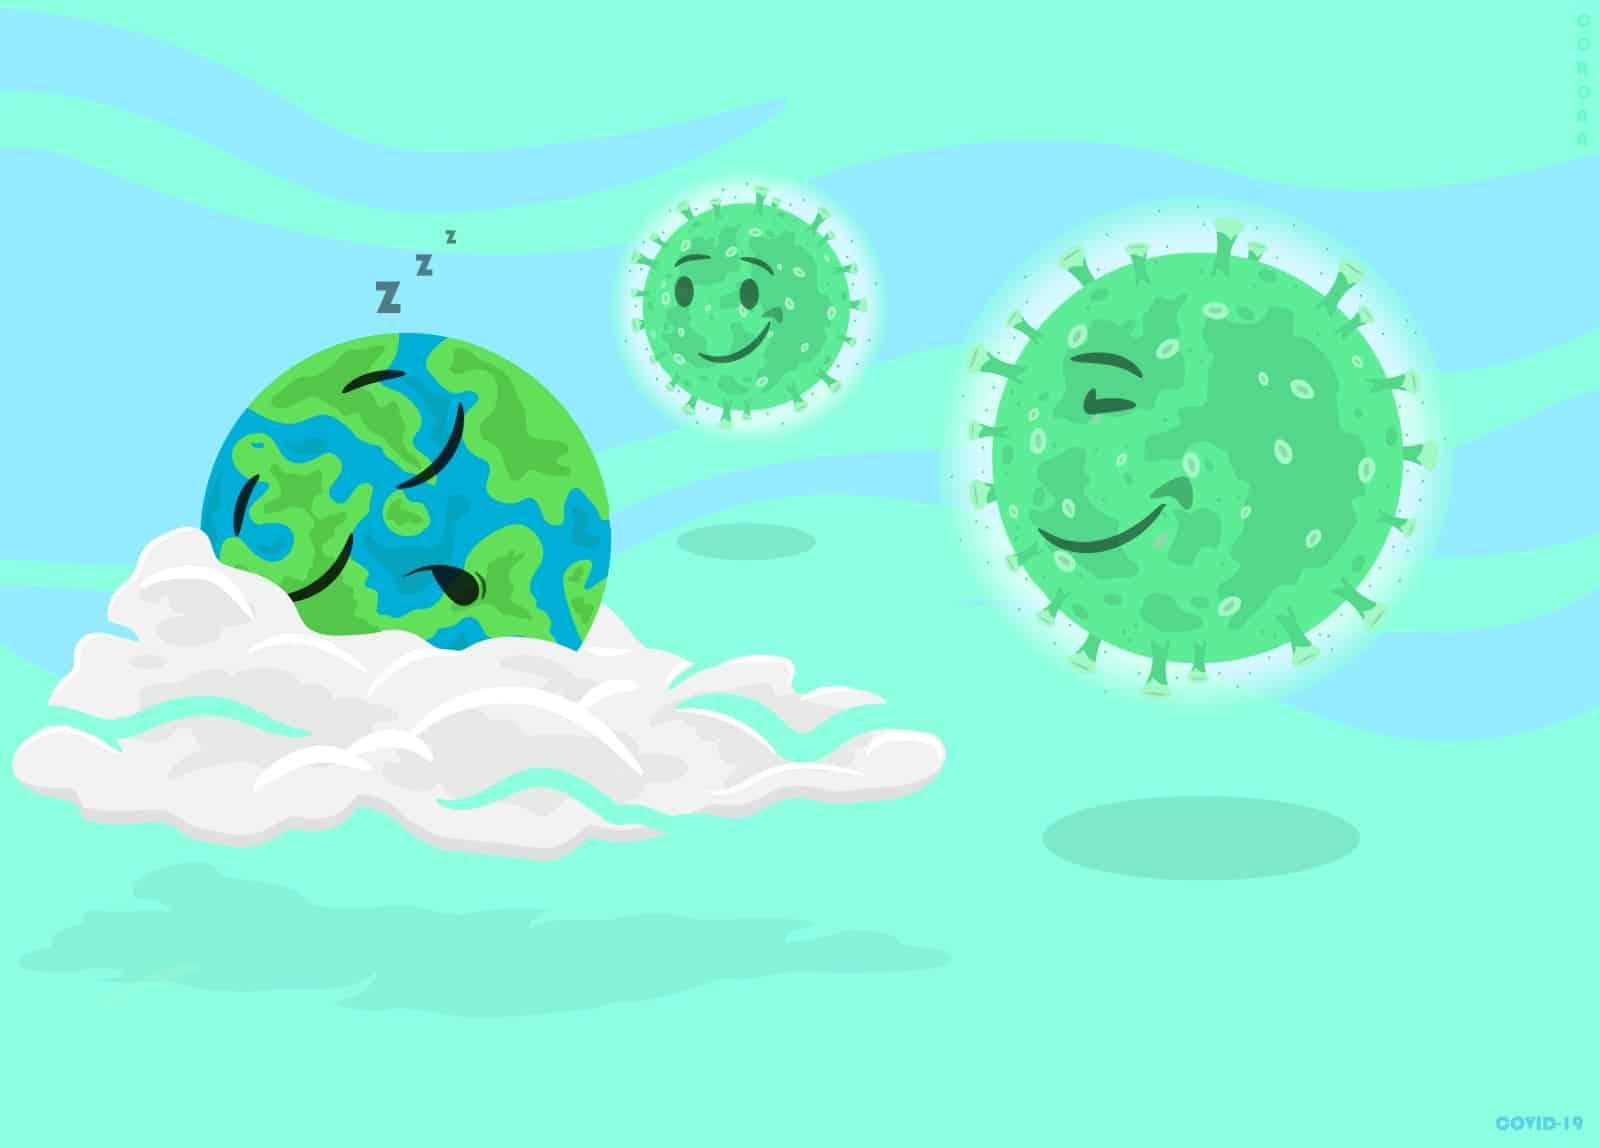 коронавирус, пандемия